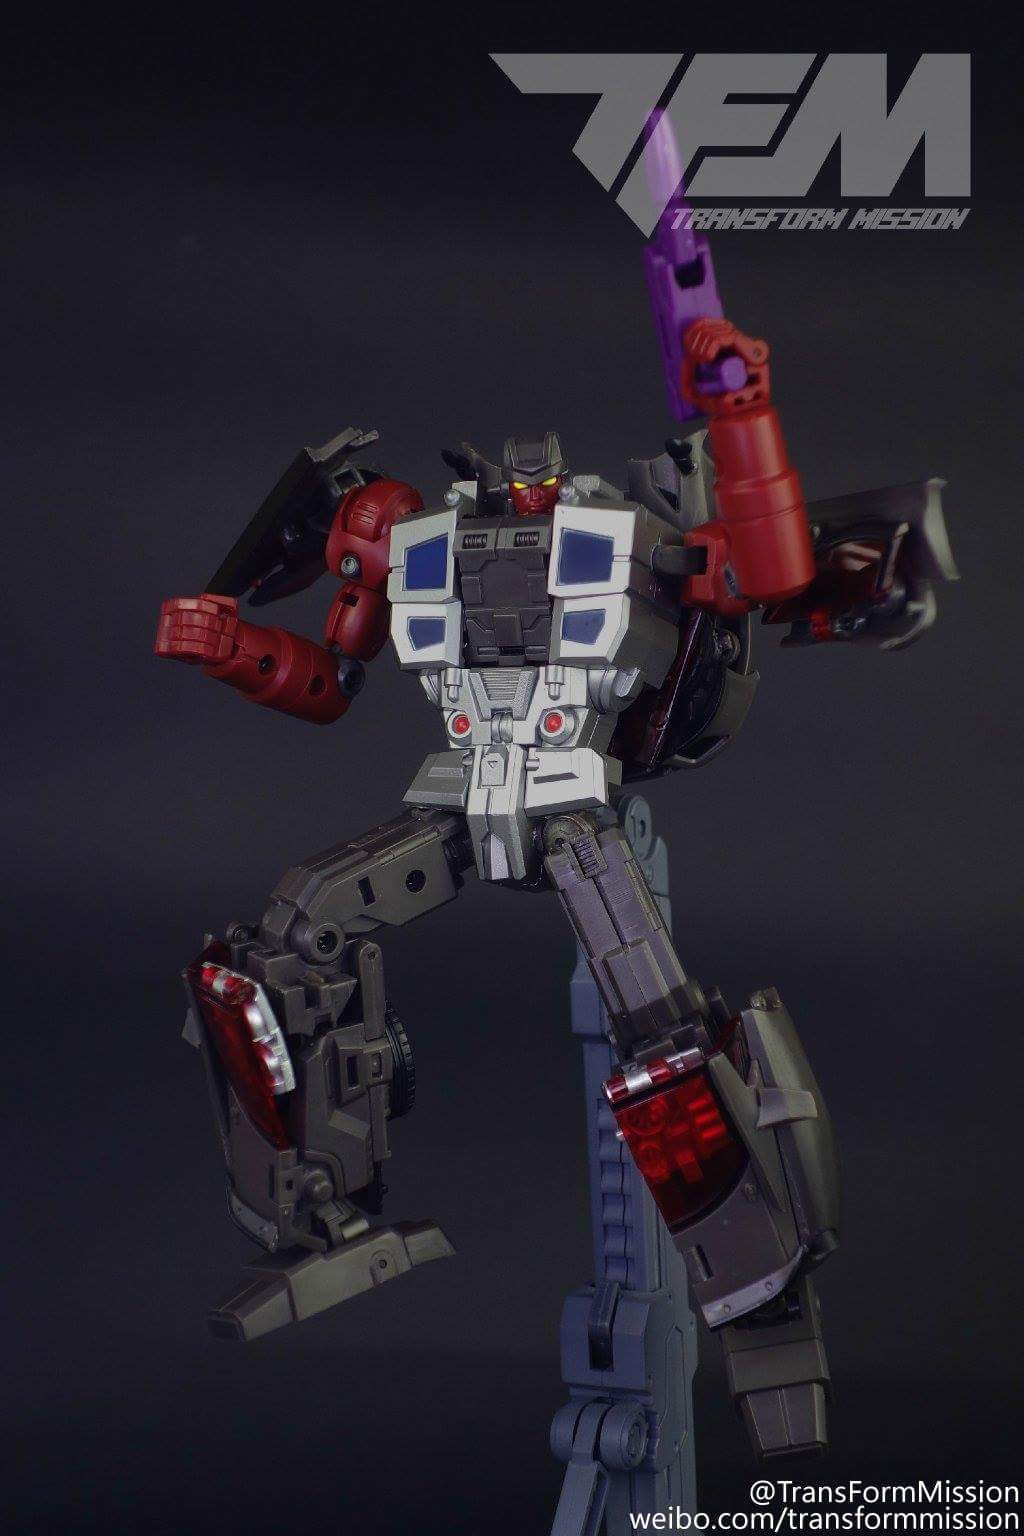 [Transform Mission] Produit Tiers - Jouet M-01 AutoSamurai - aka Menasor/Menaseur des BD IDW - Page 2 C2lviQxE